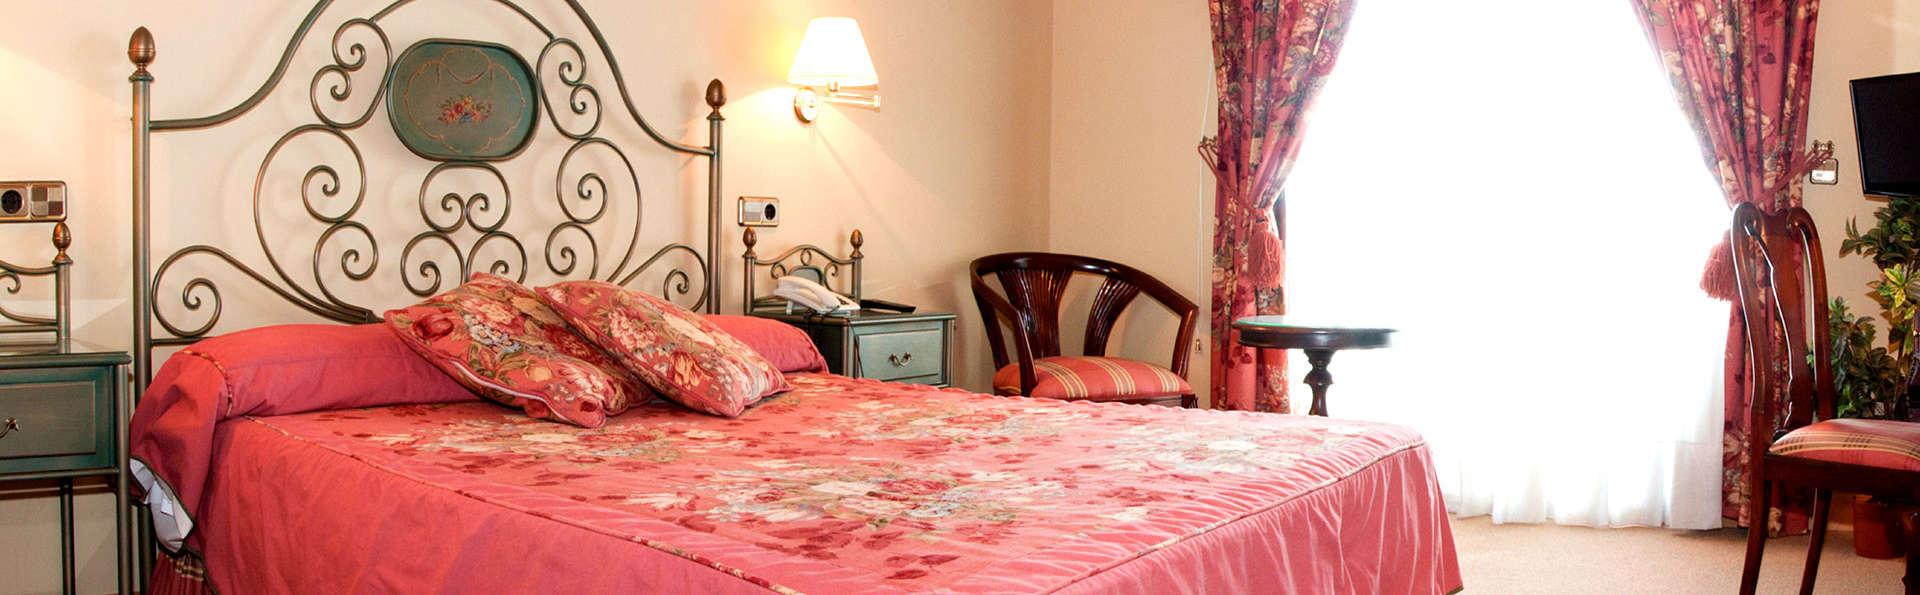 Escapada en un hotel con encanto con visita a la Bodega del Marqués de Montecierzo